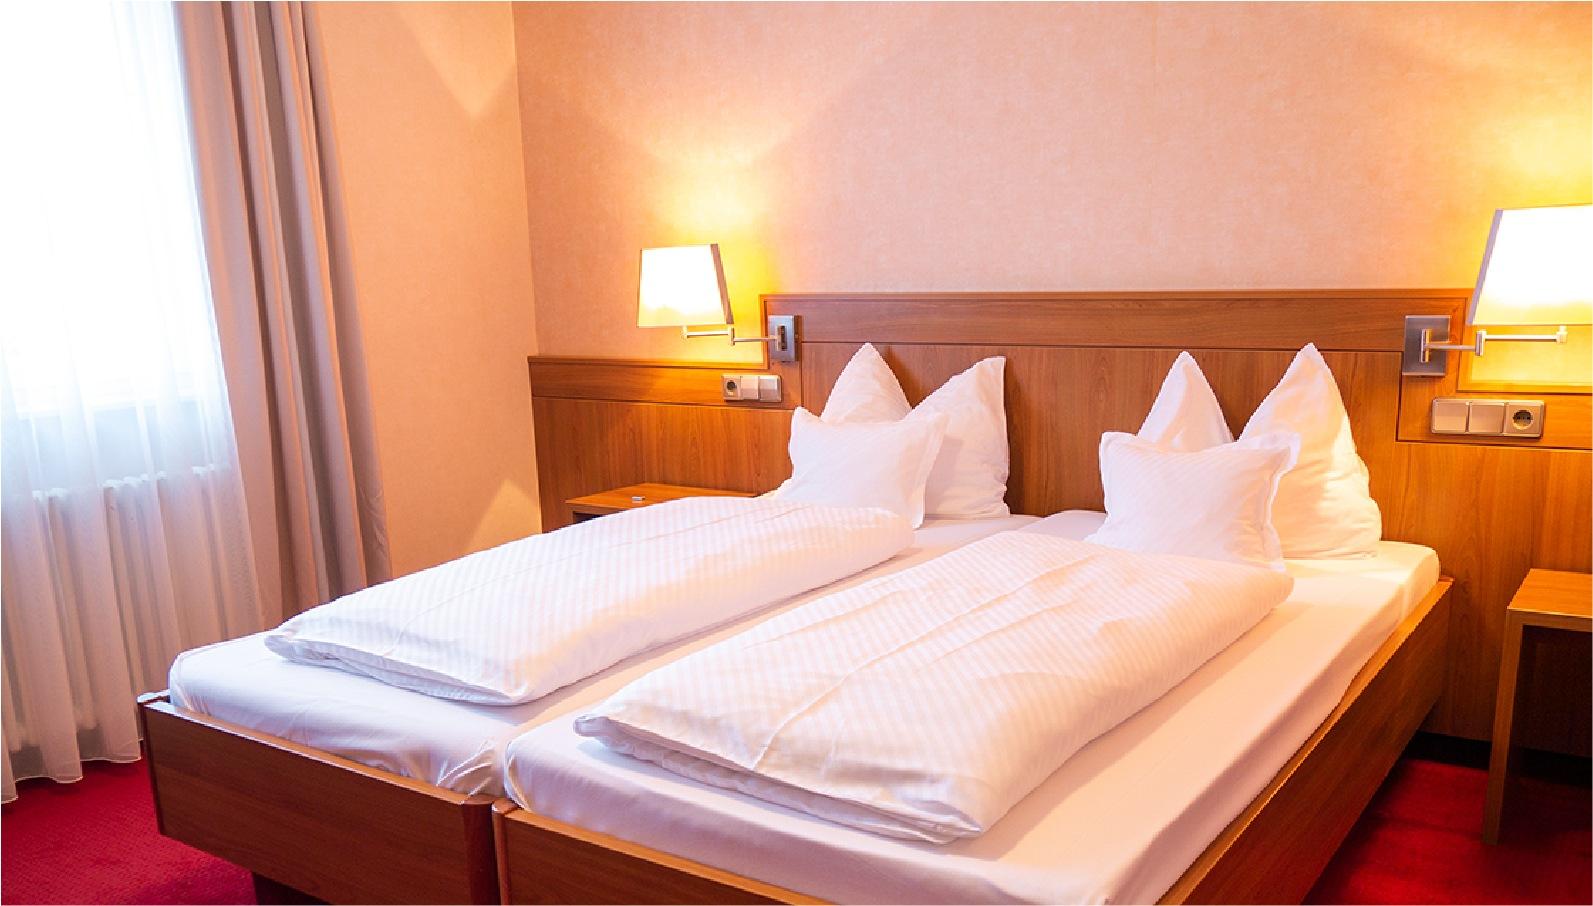 Doppelzimmer Kategorie 2 Bett